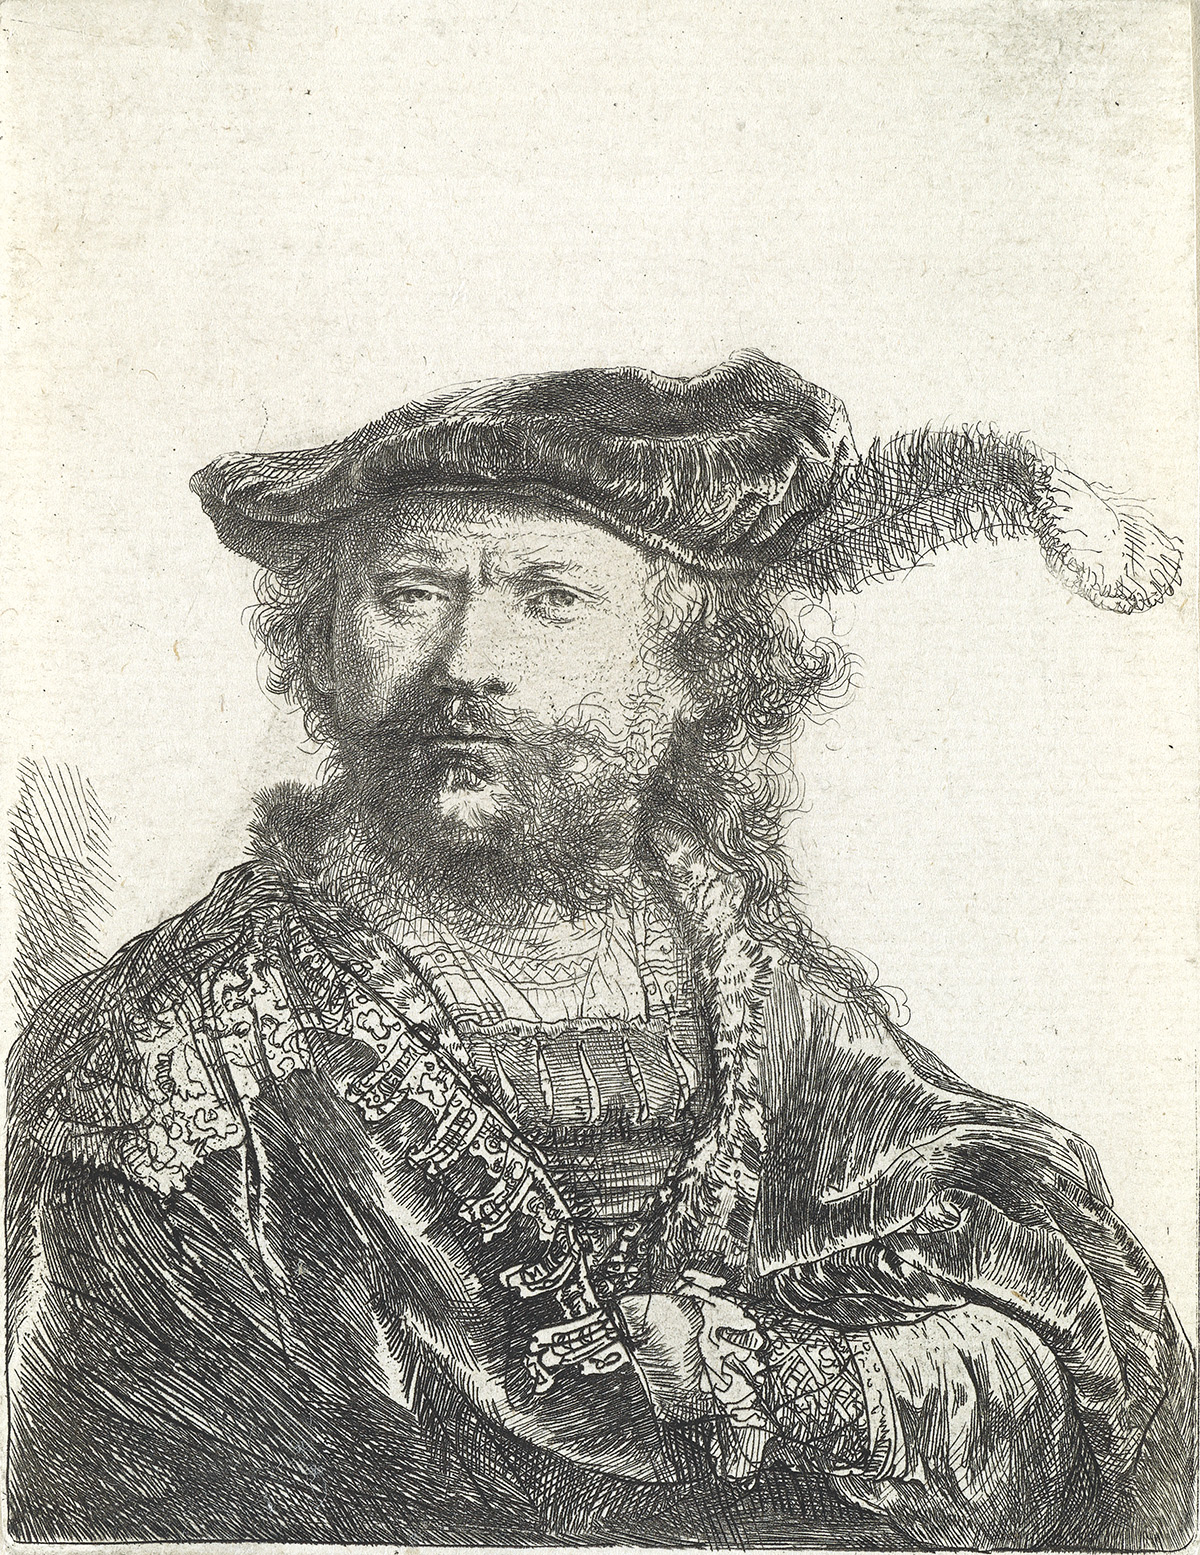 REMBRANDT-VAN-RIJN-Self-Portrait-in-a-Velvet-Cap-and-Plume